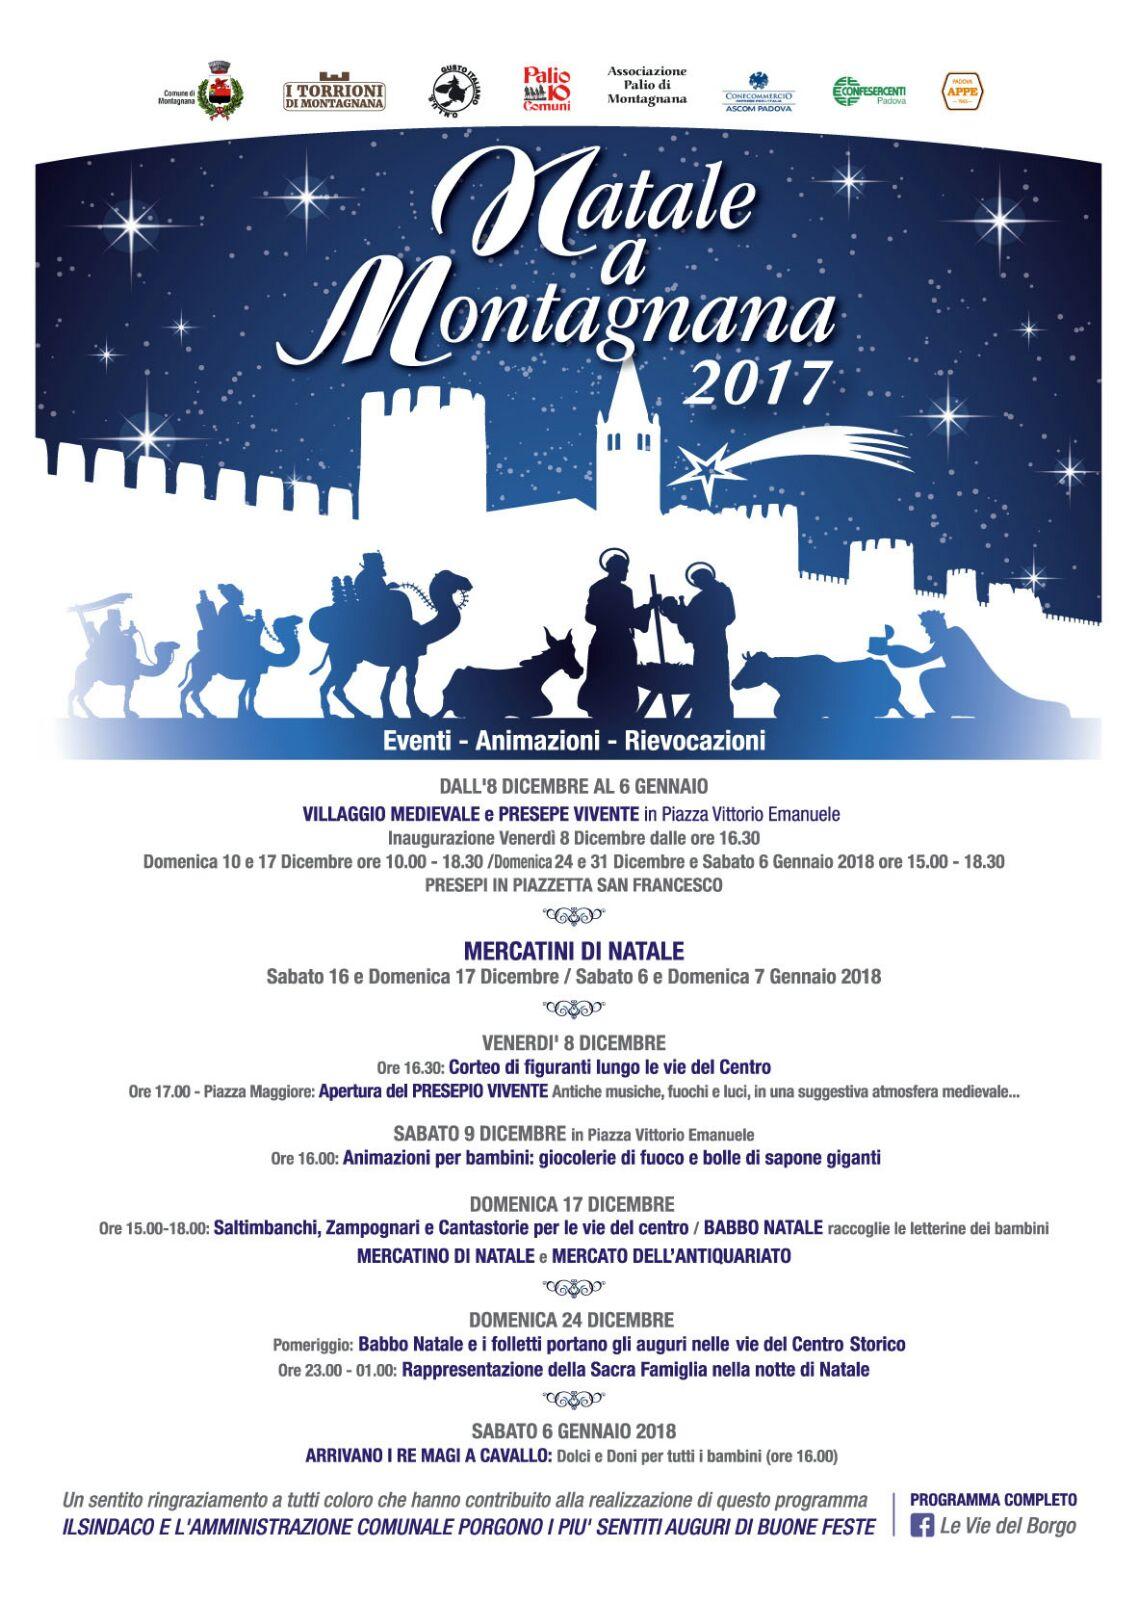 Natale a Montagnana – eventi, animazioni e rievocazioni